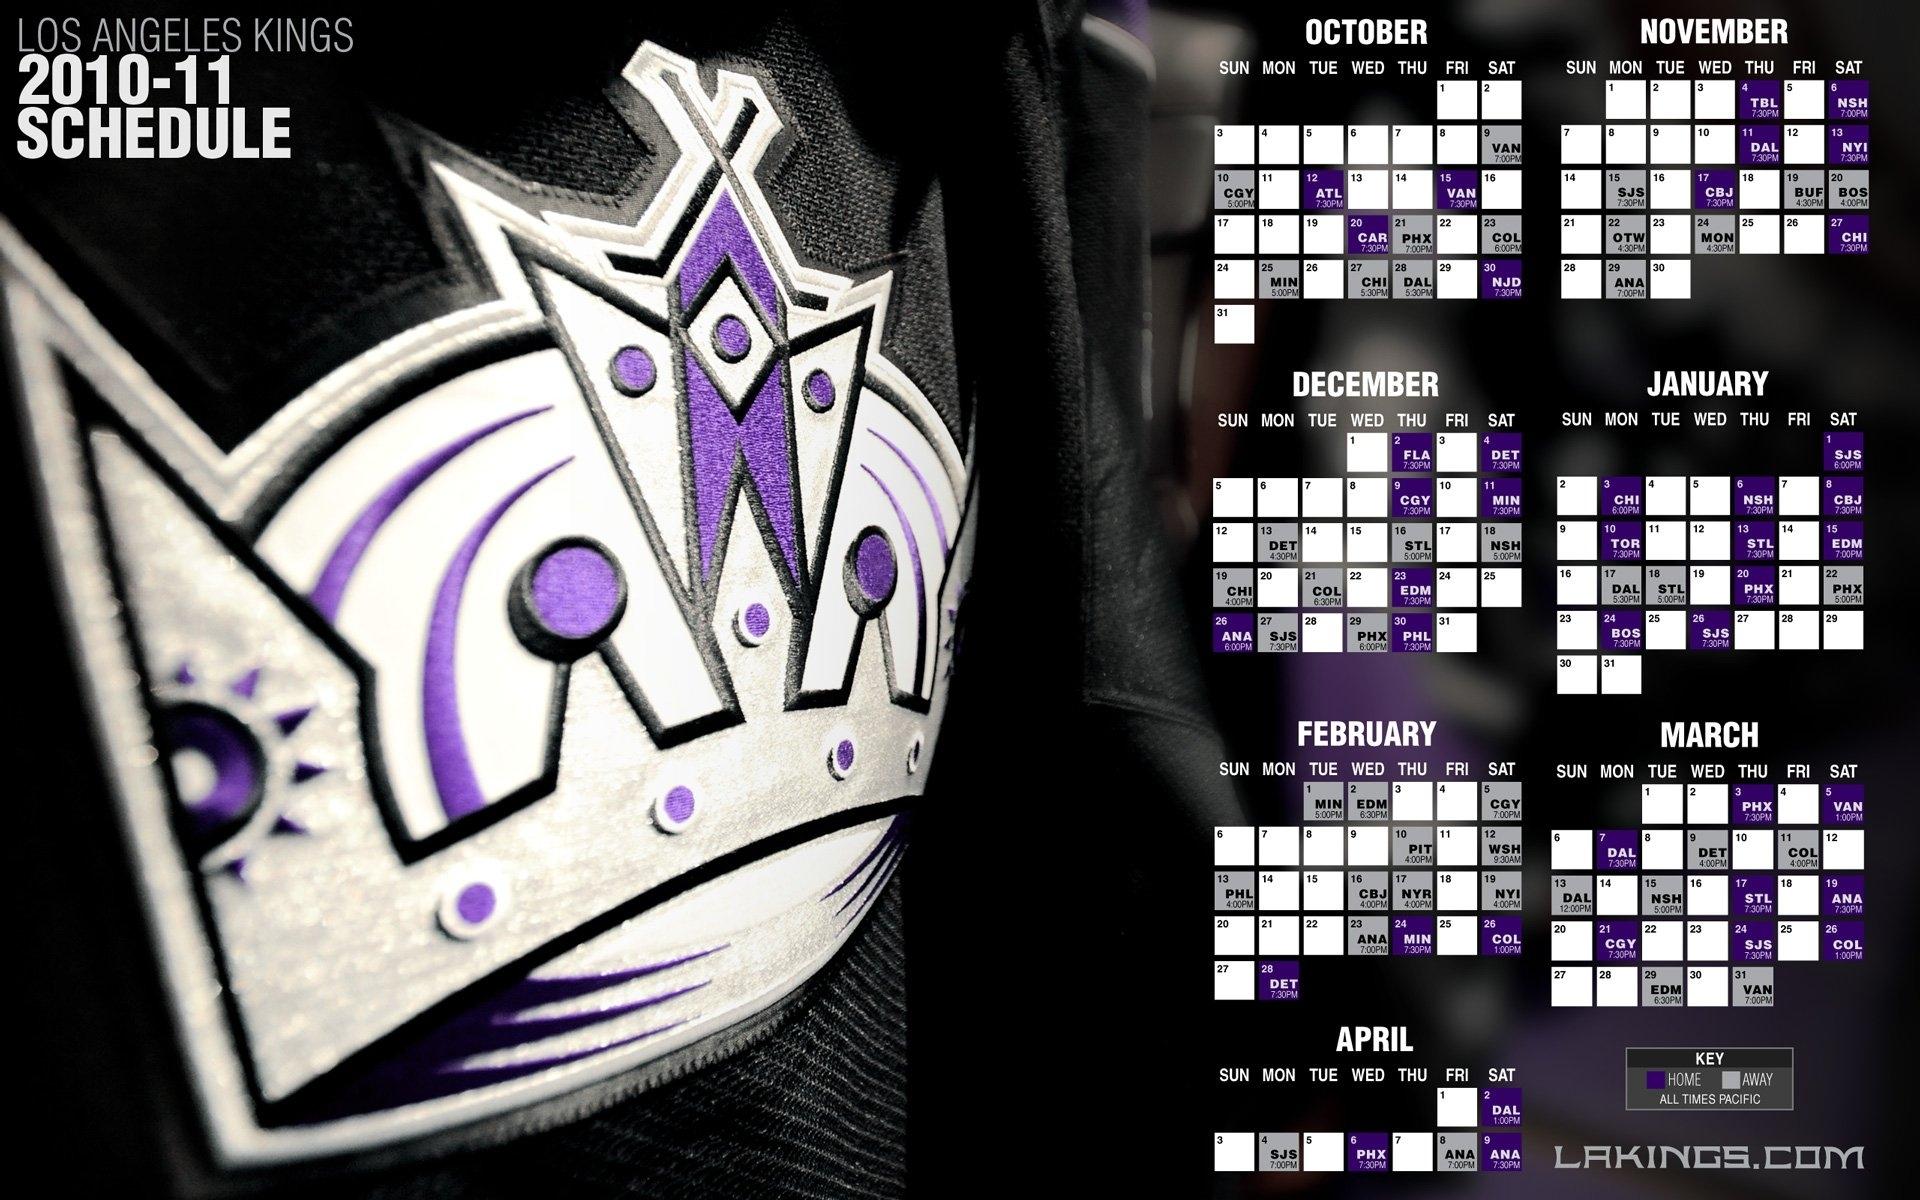 la kings 215861 - walldevil